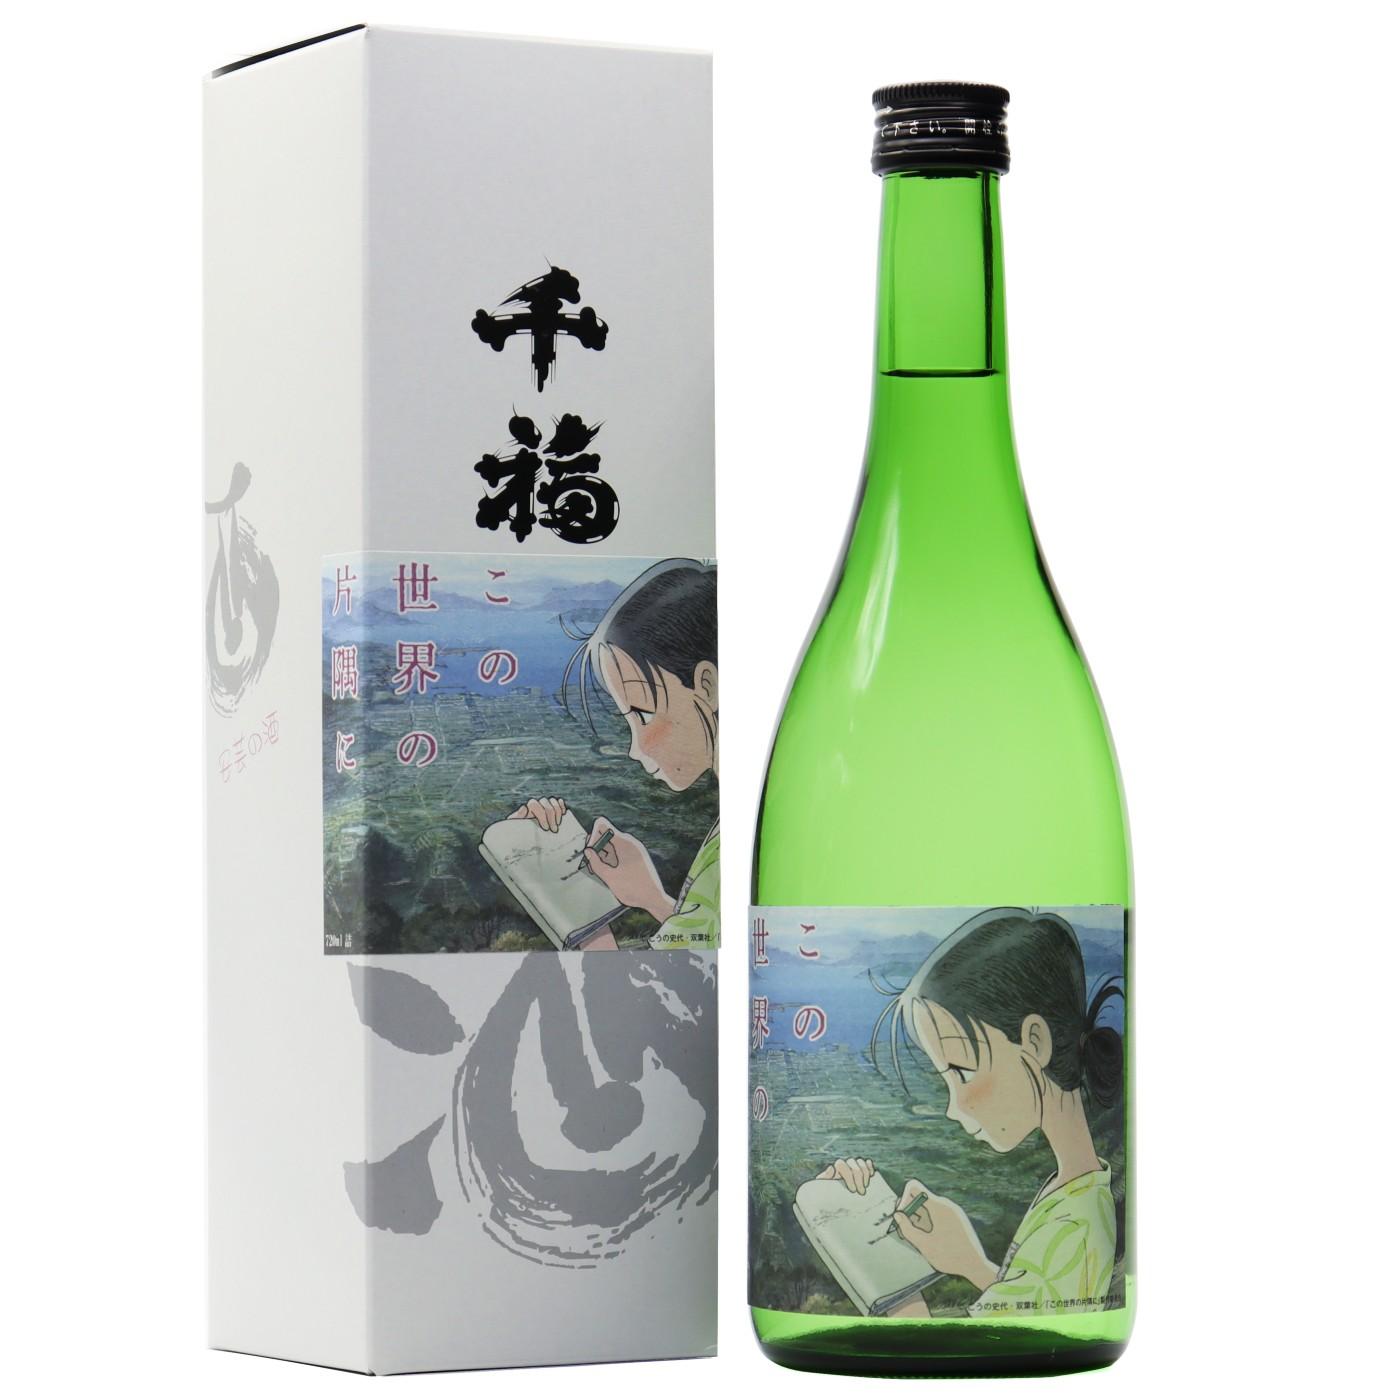 千福 上撰純米酒 映画「この世界の片隅に」ラベル